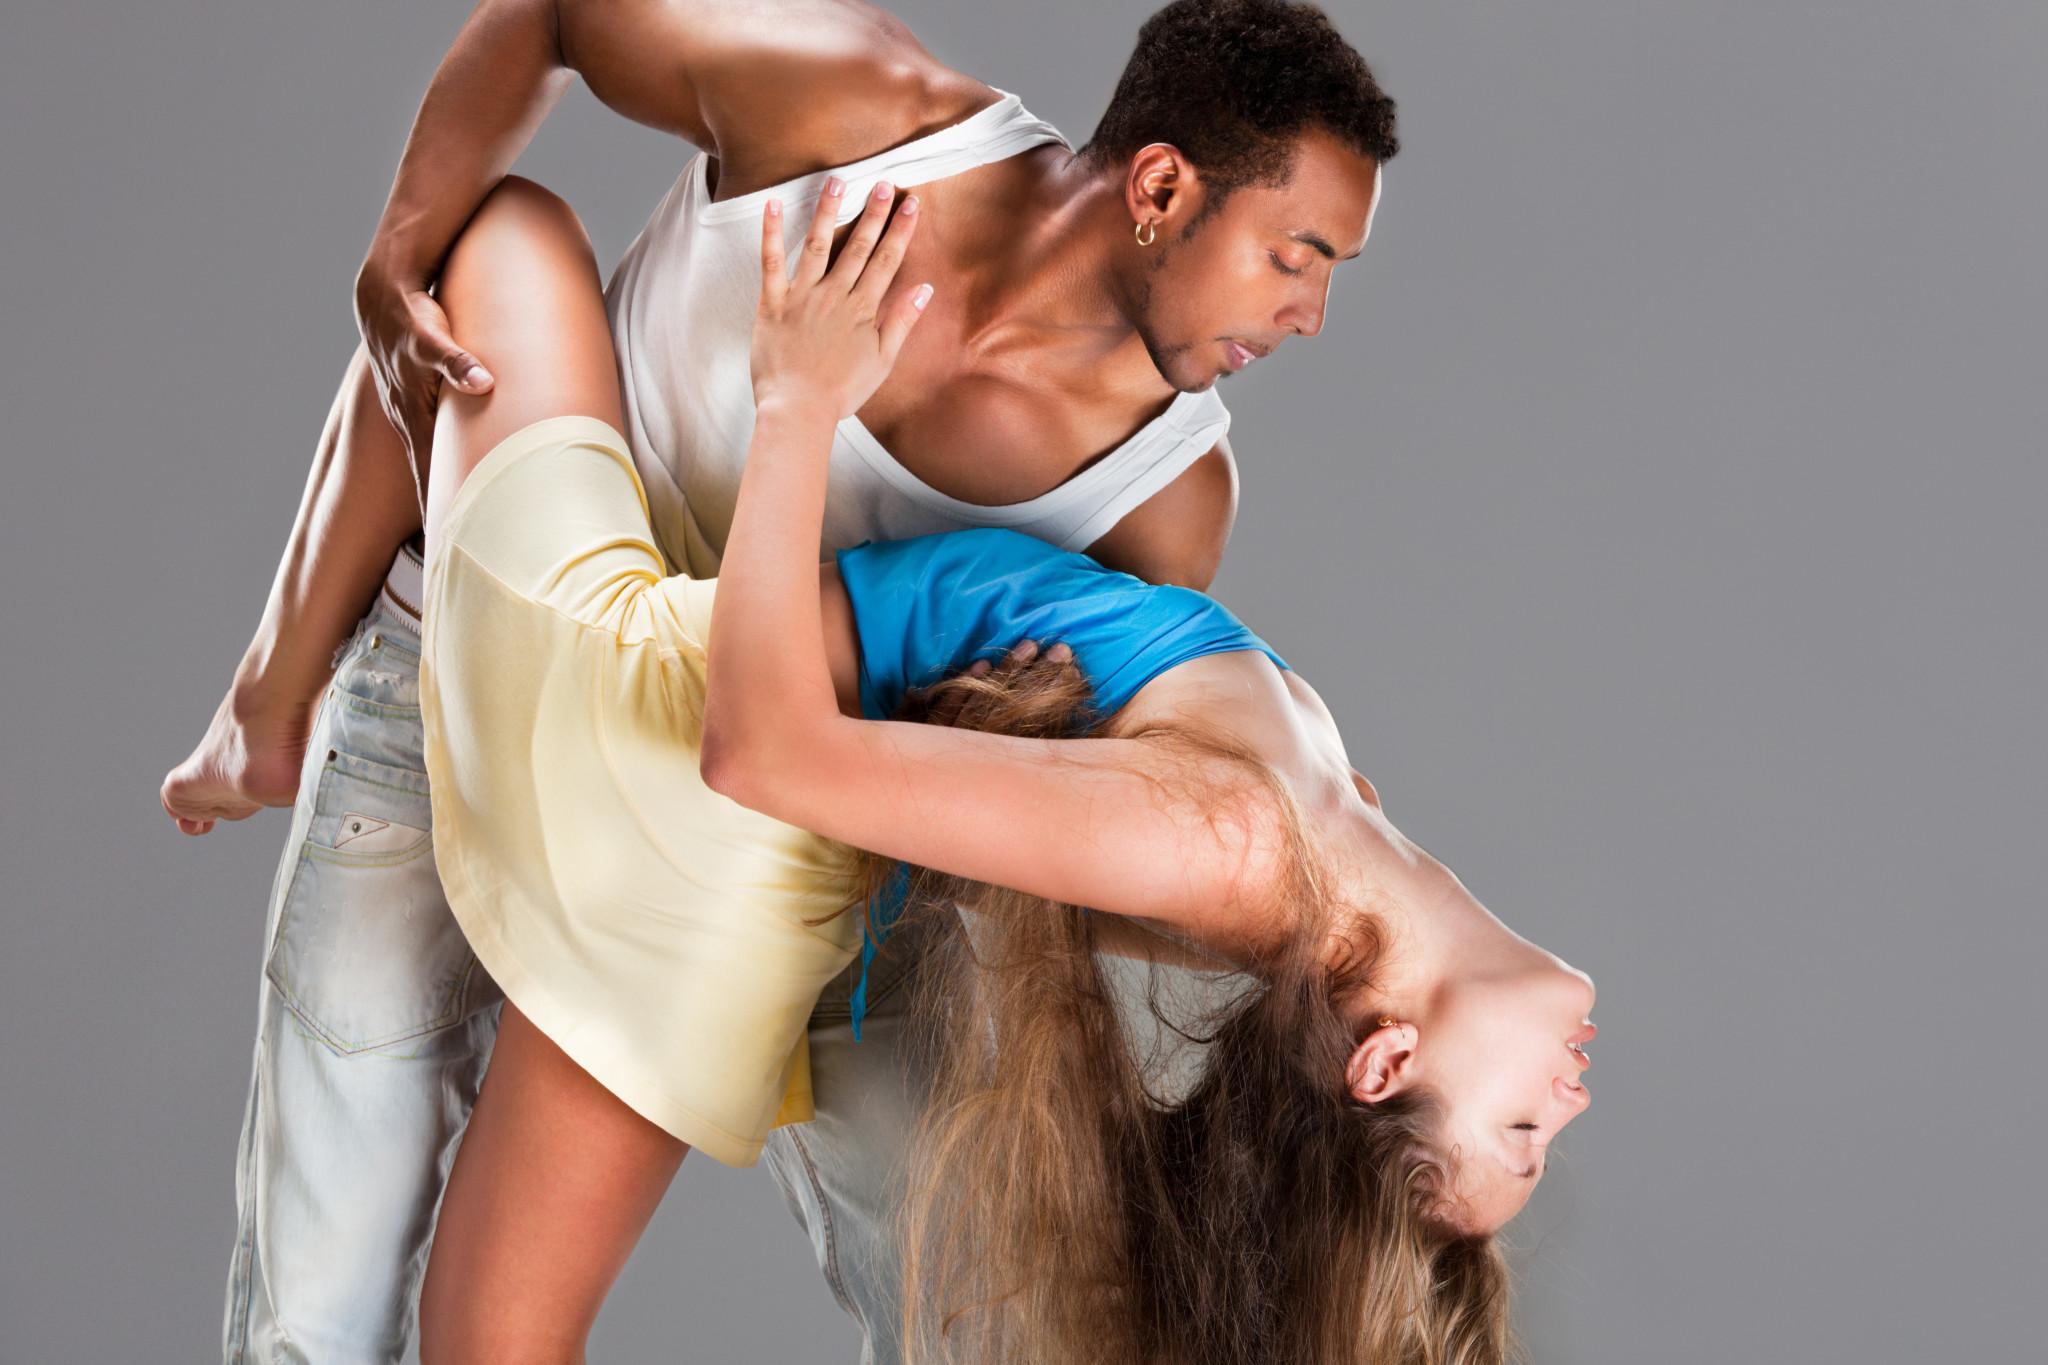 Румба, сальса или бачата: какой танец выбрать?